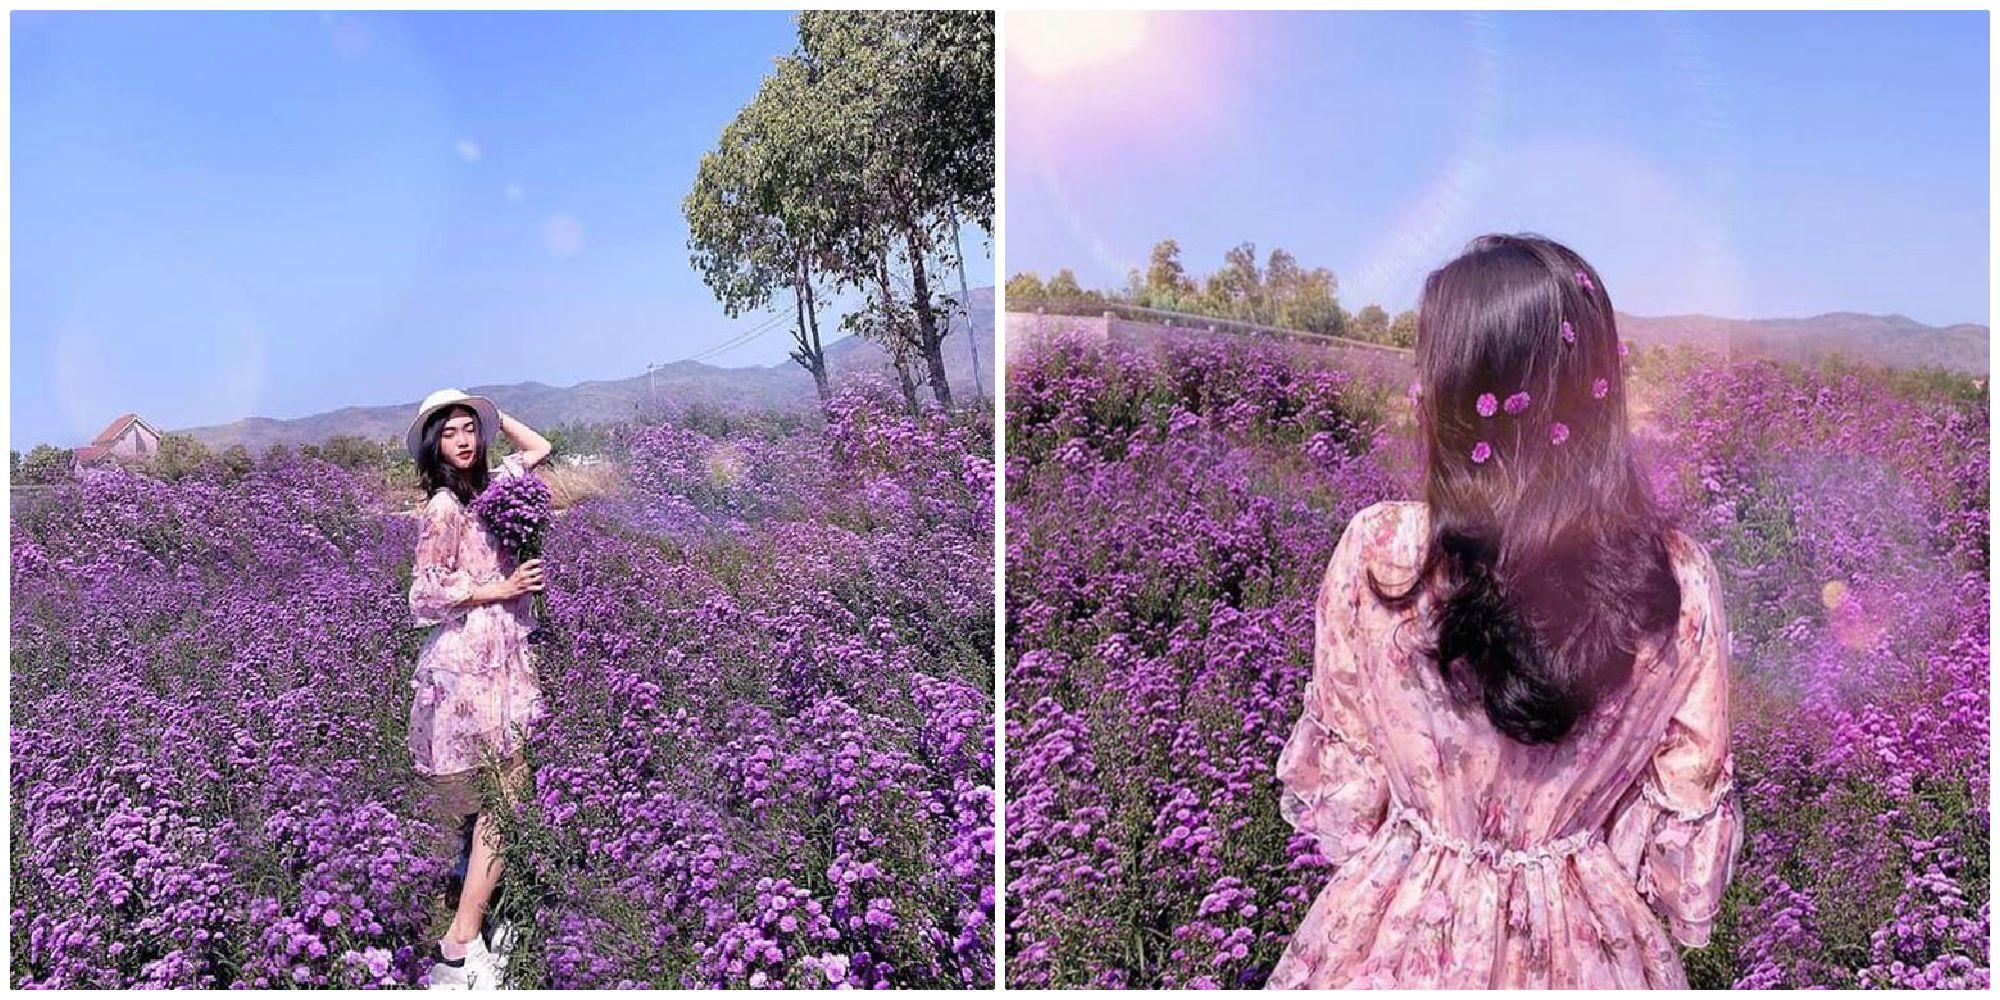 Share gấp toạ độ Cánh đồng hoa tím lịm tím sim đẹp như cổ tích ở Vũng Tàu